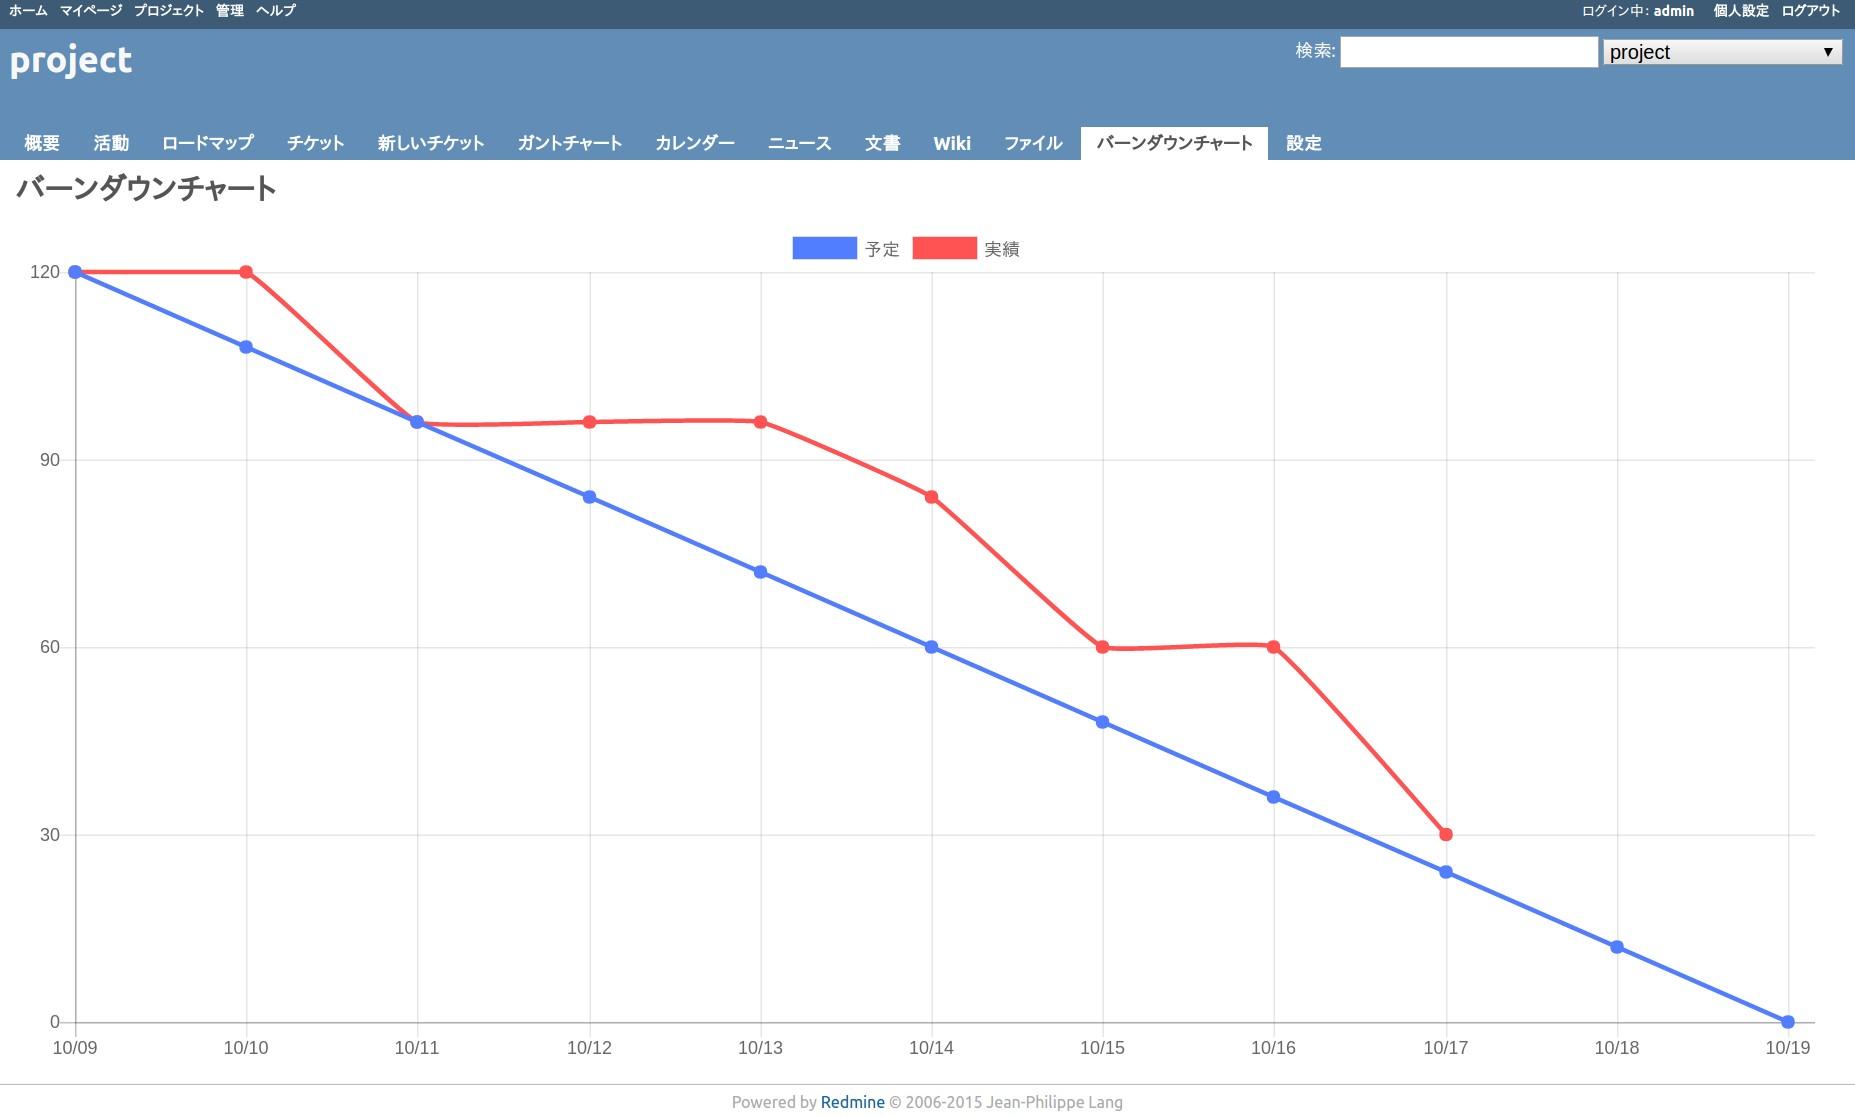 バーンダウンチャート進捗も残量も一発把握!「残り」を見える化して、計画も作業もスムーズに。